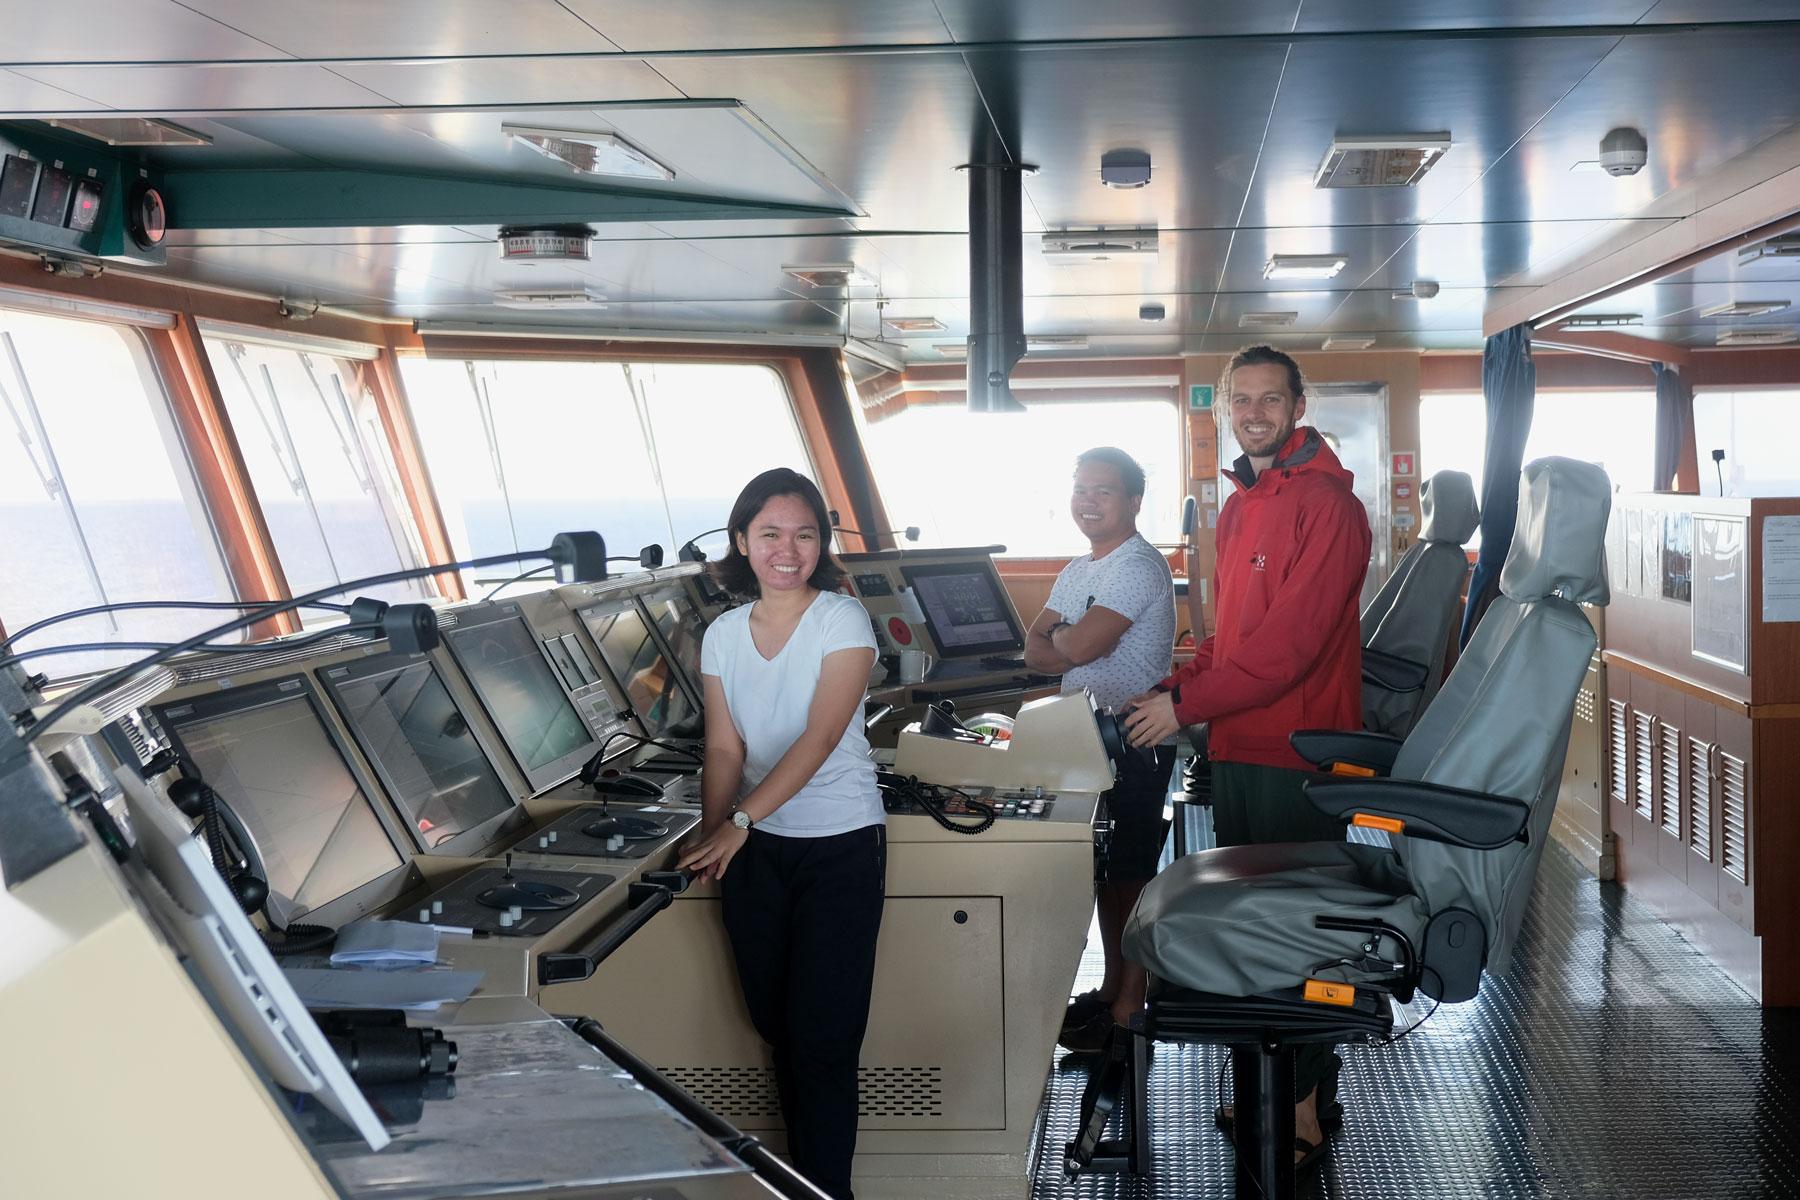 Sebastian steht mit zwei Offizieren auf der Brücke eines Containerschiffs.